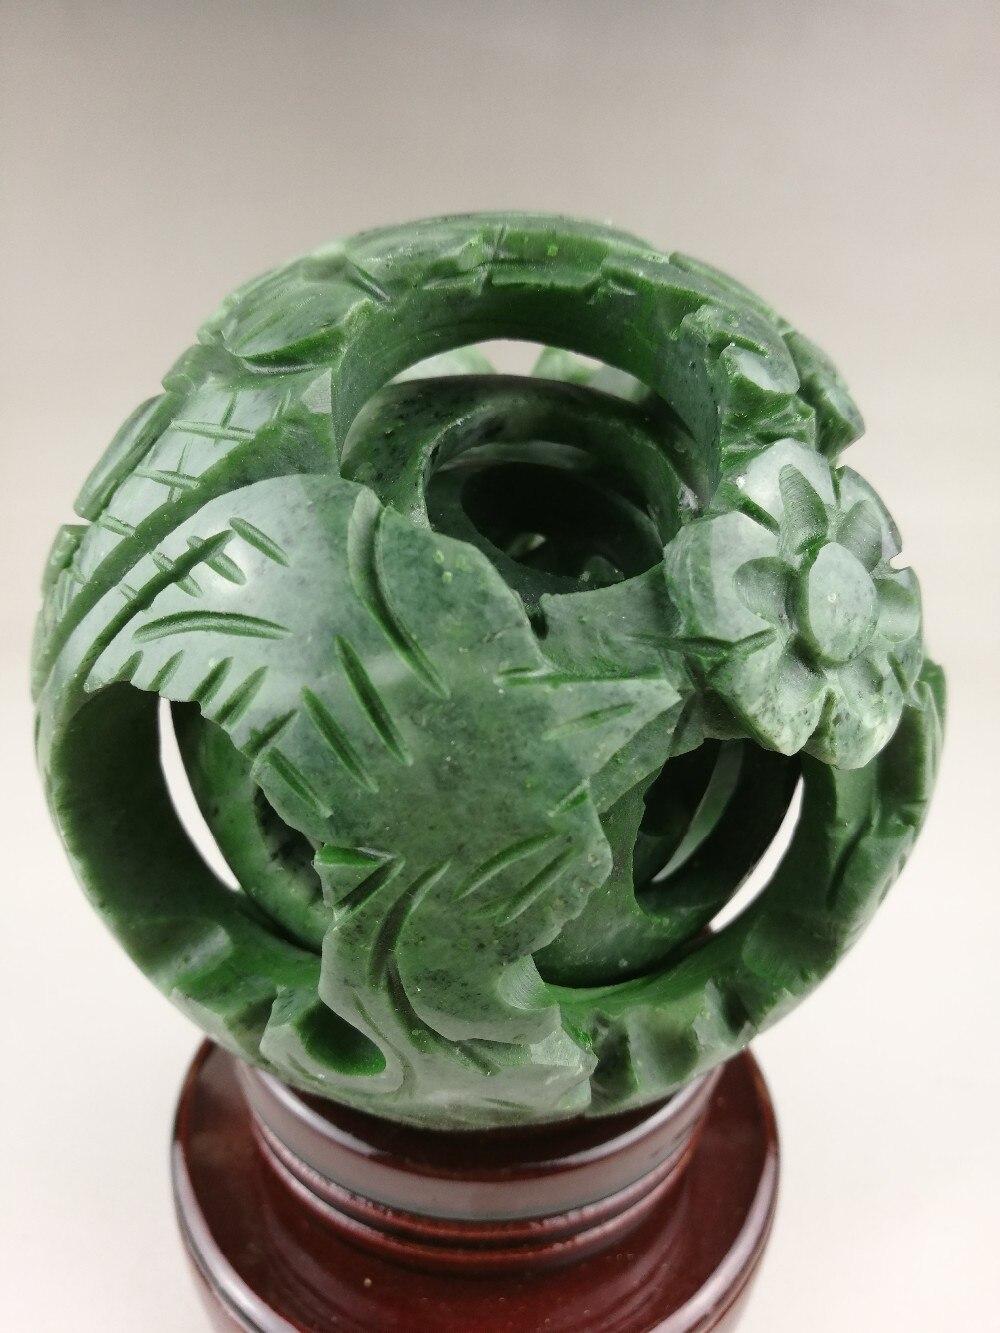 Chinois vieux jade vert sculpté fengshui dragon ball magique avec base en bois exquise boule de jade - 3